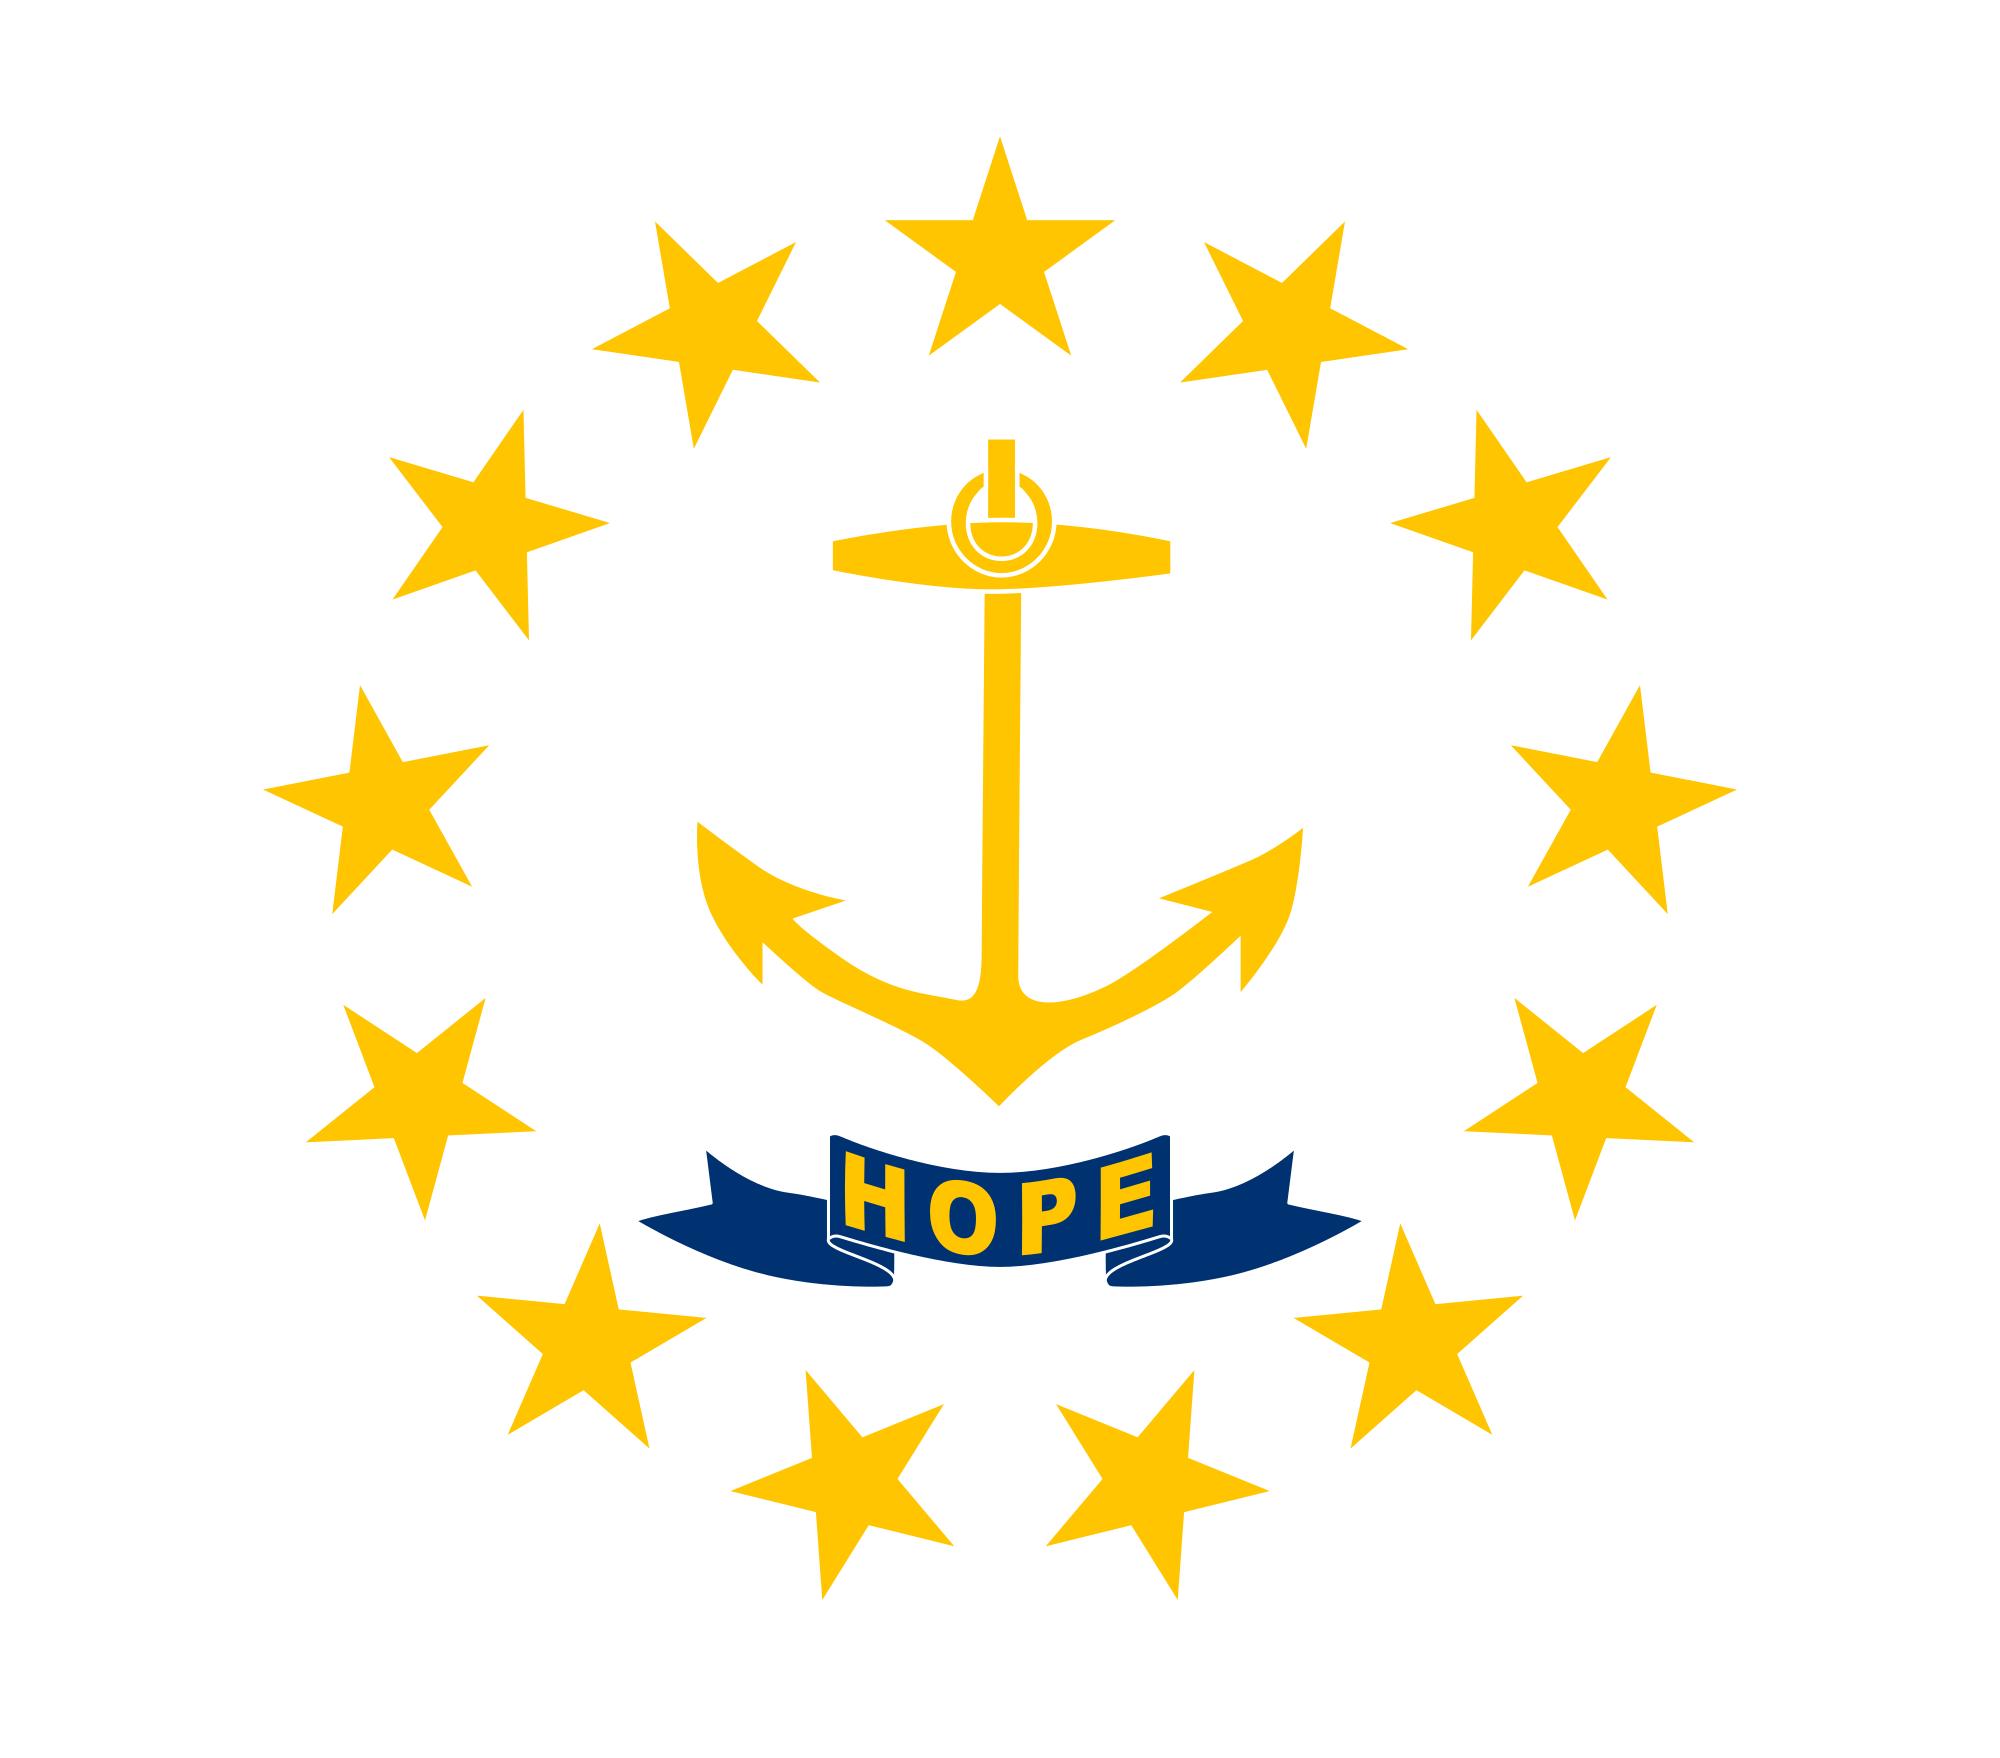 File Rhode Island state flagpng 0FTDLWvN